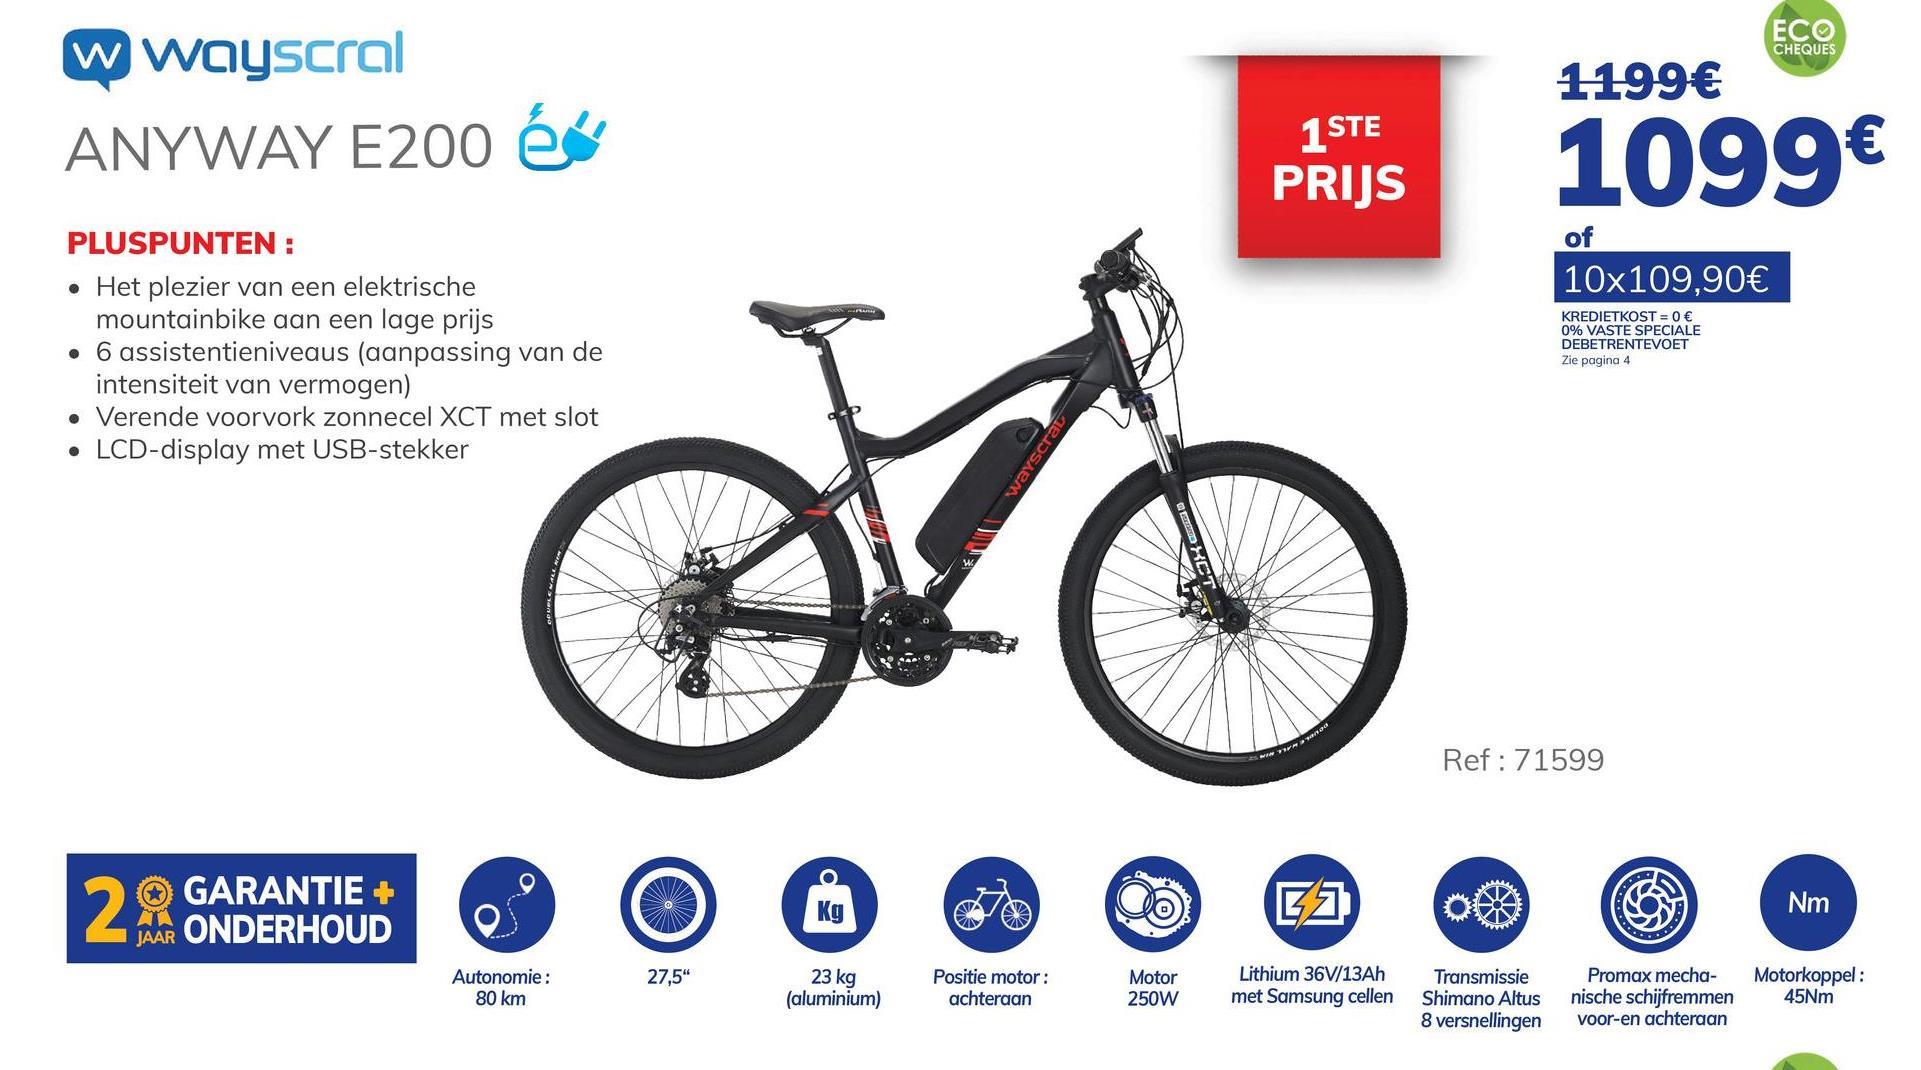 """ECO CHEQUES 1199€ w wayscral ANYWAY E200 és 1 STE PRIJS 1099€ PLUSPUNTEN : of 10x109,90€ KREDIETKOST = 0 € 0% VASTE SPECIALE DEBETRENTEVOET Zie pagina 4 • Het plezier van een elektrische mountainbike aan een lage prijs • 6 assistentieniveaus (aanpassing van de intensiteit van vermogen) • Verende voorvork zonnecel XCT met slot LCD-display met USB-stekker wayscrat *** Ref: 71599 29. GARANTIE + GARANTIE + ONDERHOUD V G) OCD Nm JAAR 27,5"""" 23 kg Autonomie : 80 km Positie motor: achteraan Motor 250W Lithium 36V/13Ah met Samsung cellen Transmissie Shimano Altus 8 versnellingen (aluminium) Promax mecha- nische schijfremmen voor-en achteraan Motorkoppel : 45Nm"""